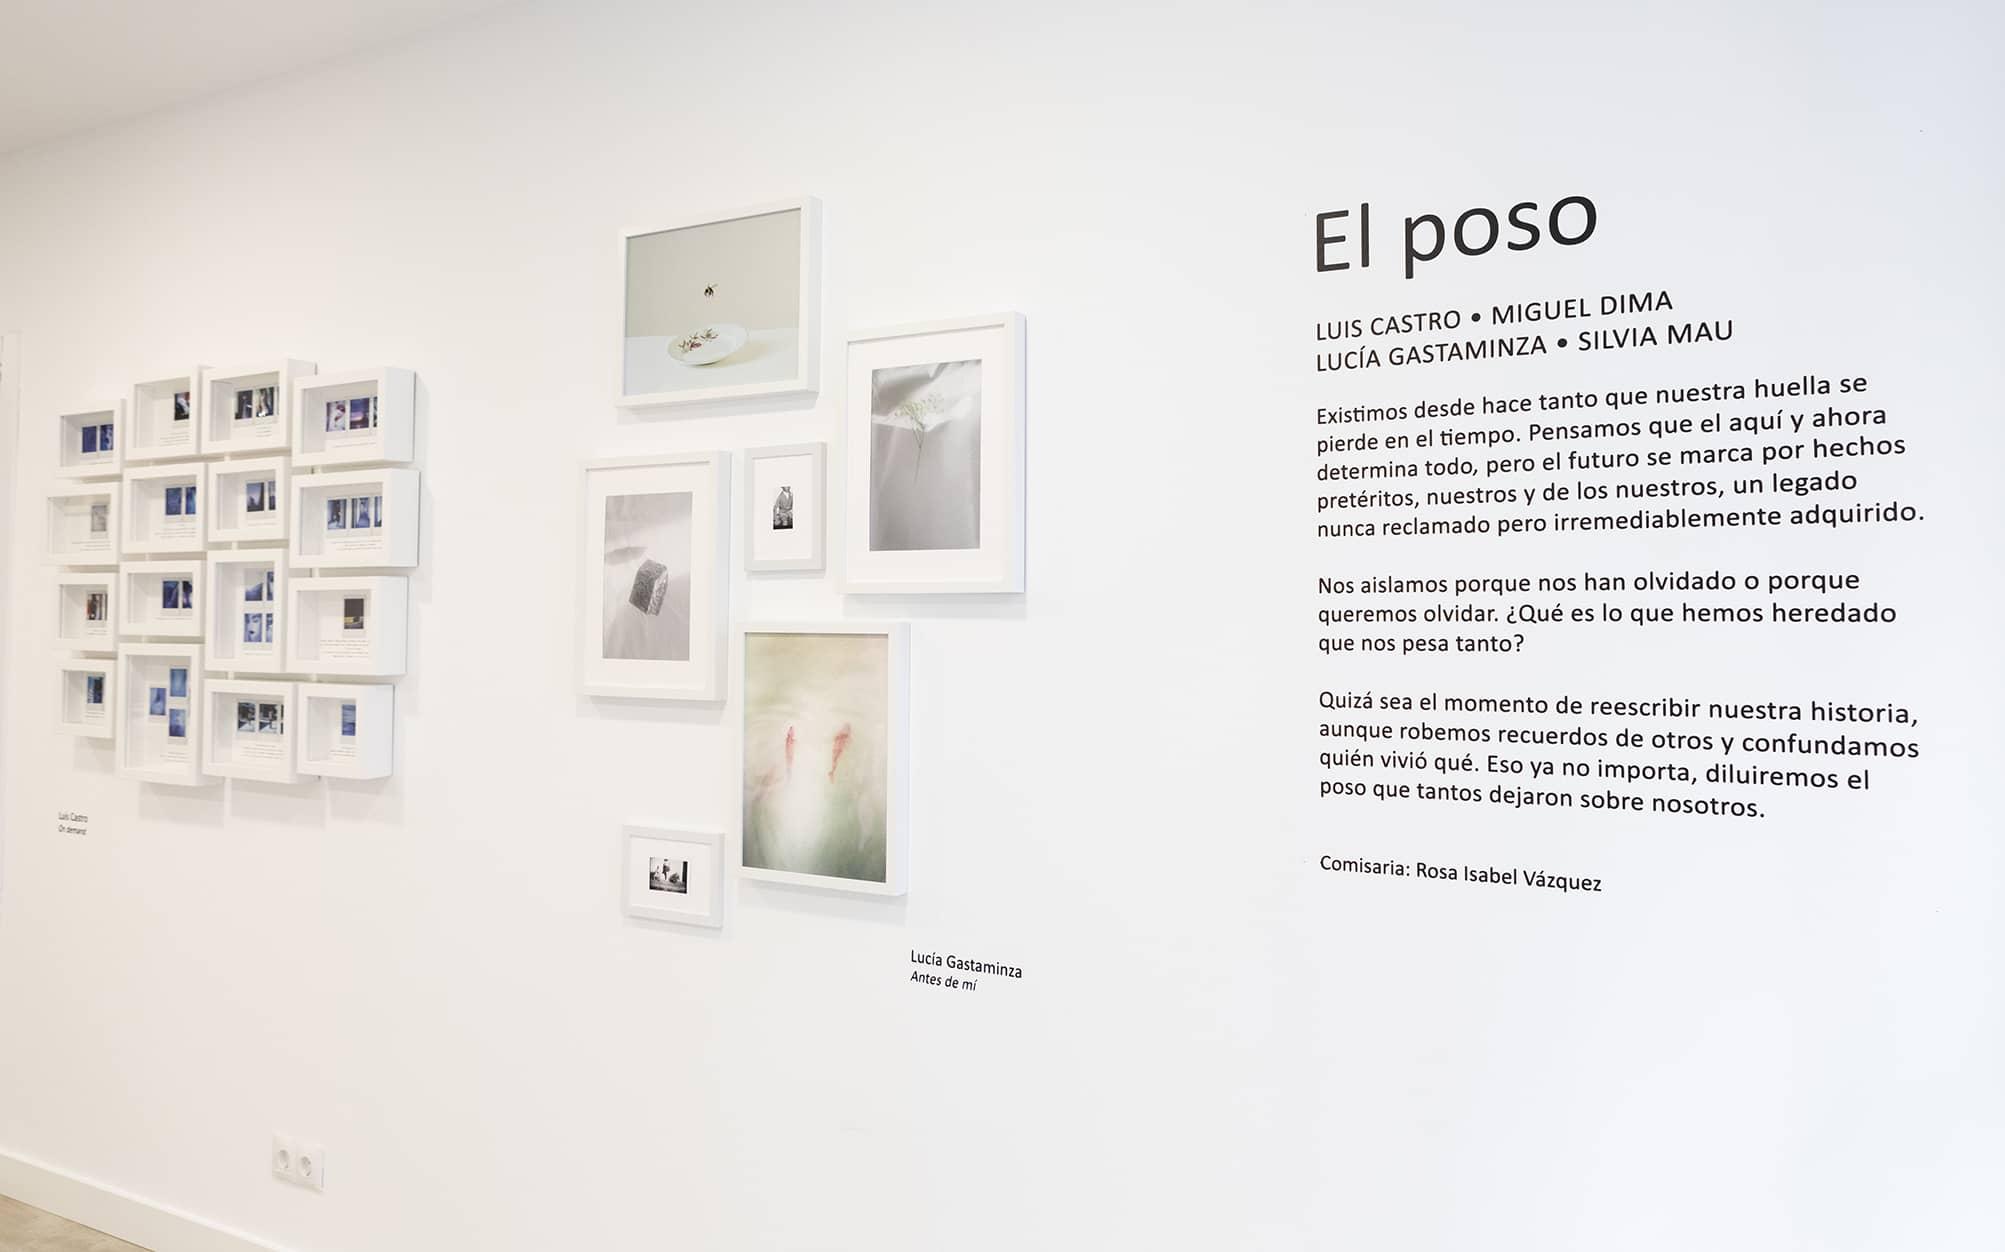 Exposición El poso